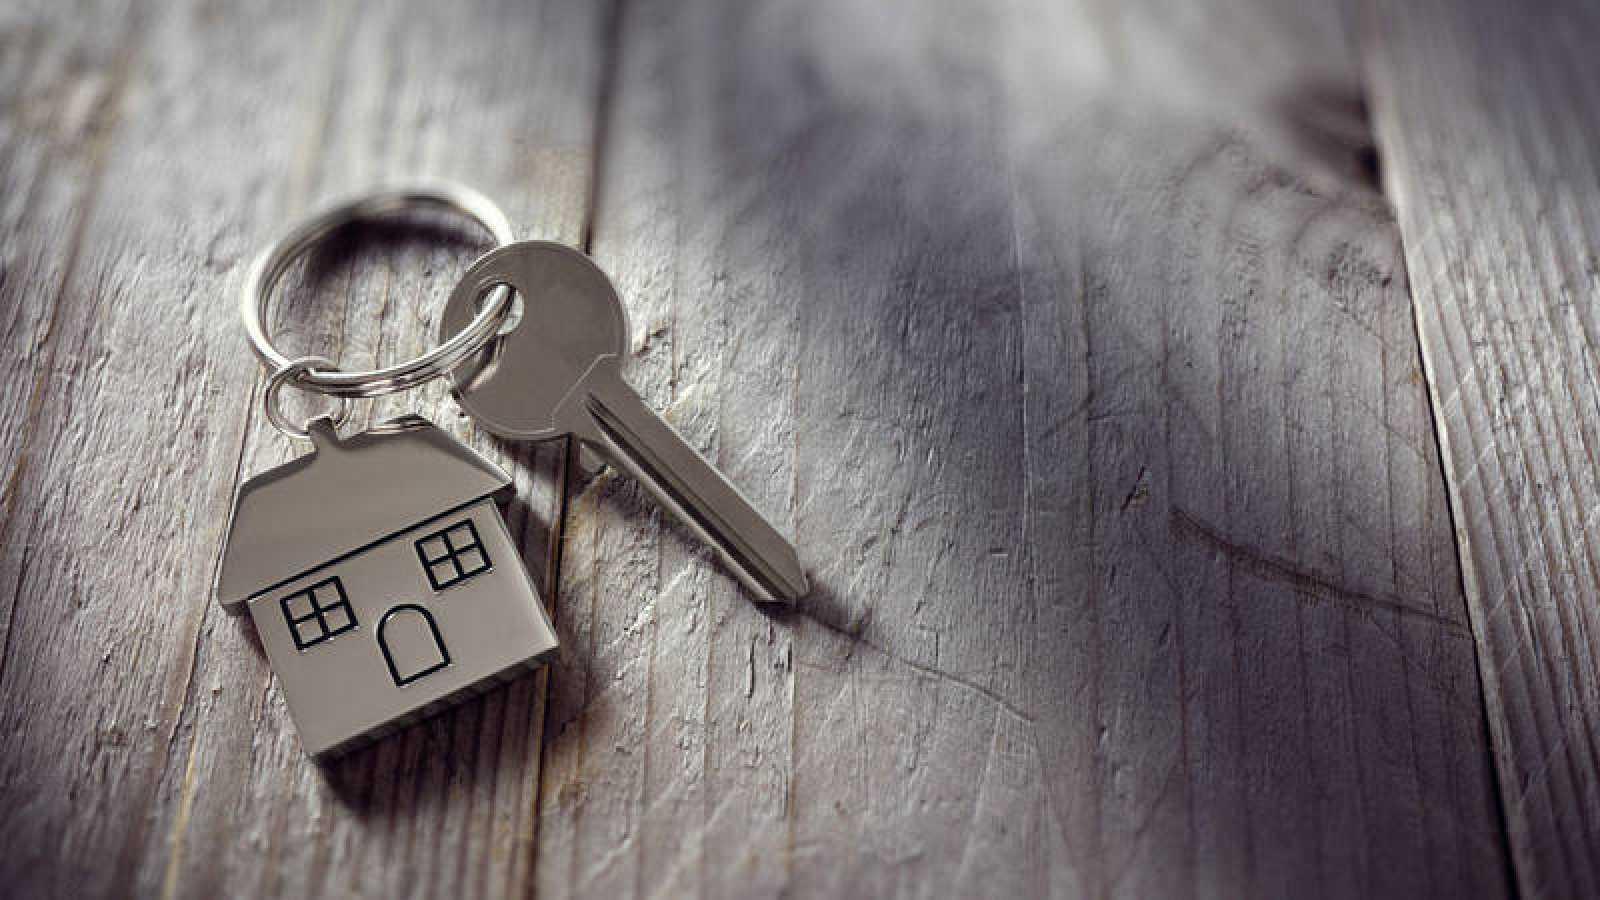 Imagen de la llave de una vivienda